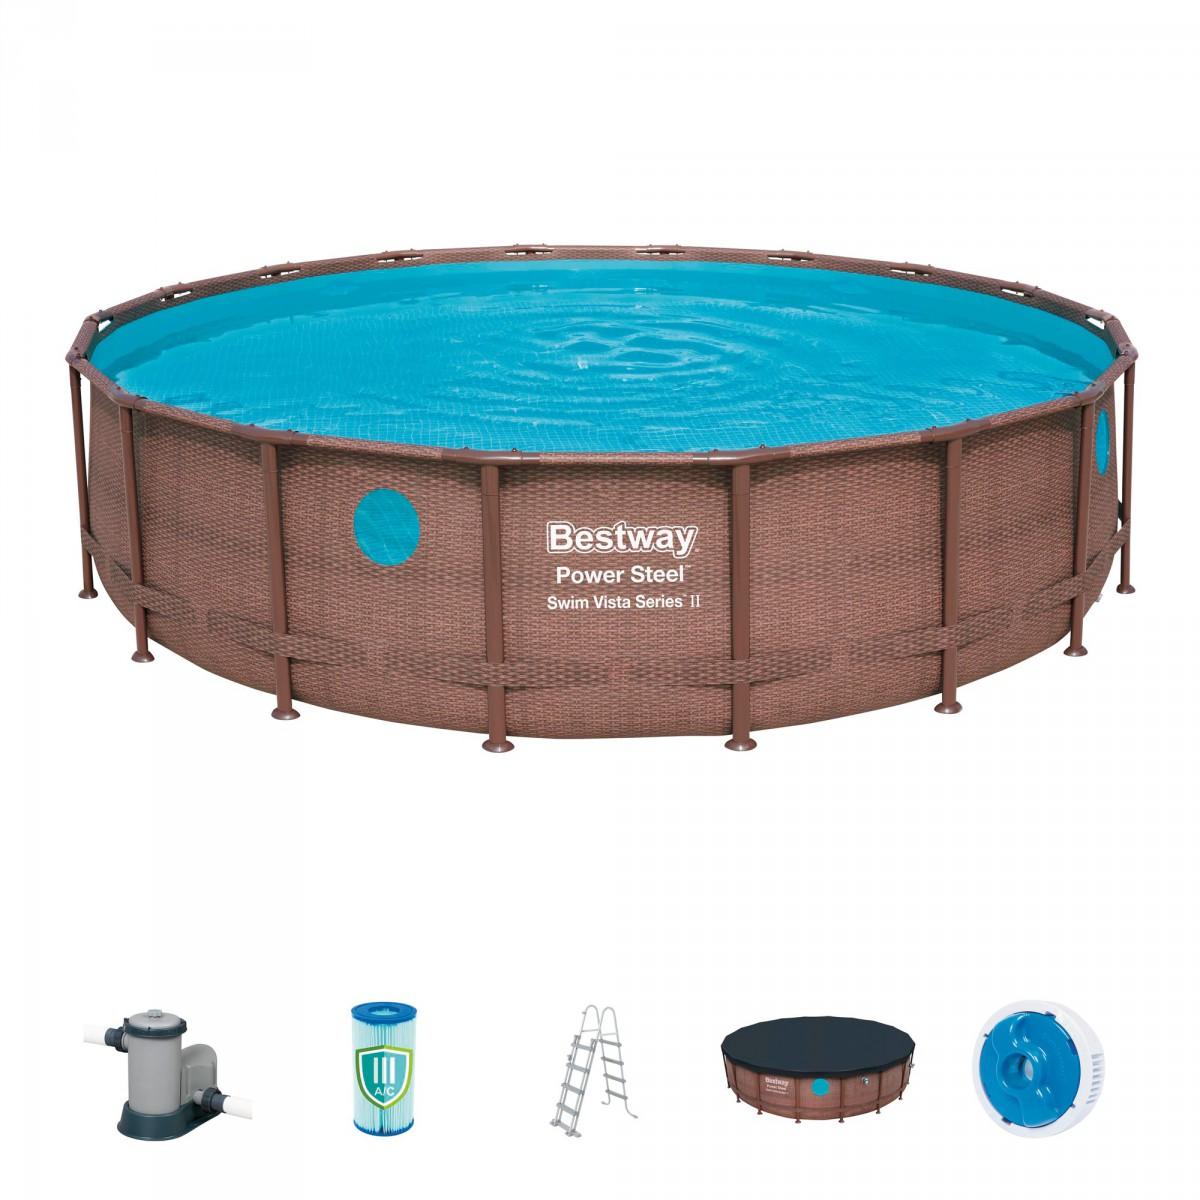 Piscine hors-sol ronde Power Steel™ Swim Vista Bestway - 549 x 122 cm